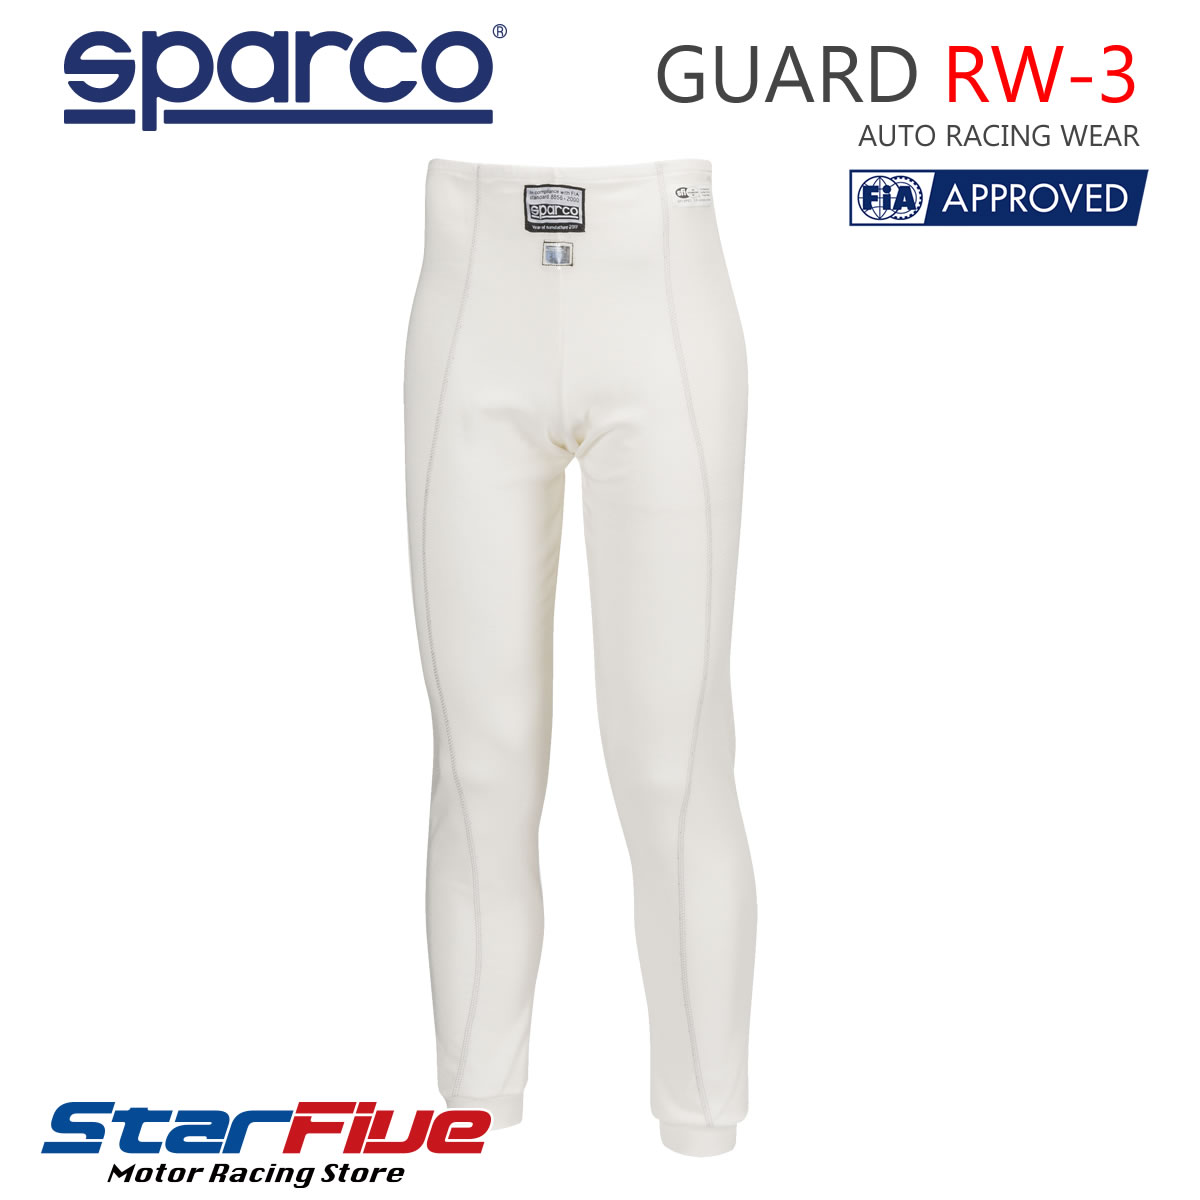 スパルコ アンダーウェア 4輪用 GUARD RW-3(カード)パンツ FIA2000公認 SPARCO